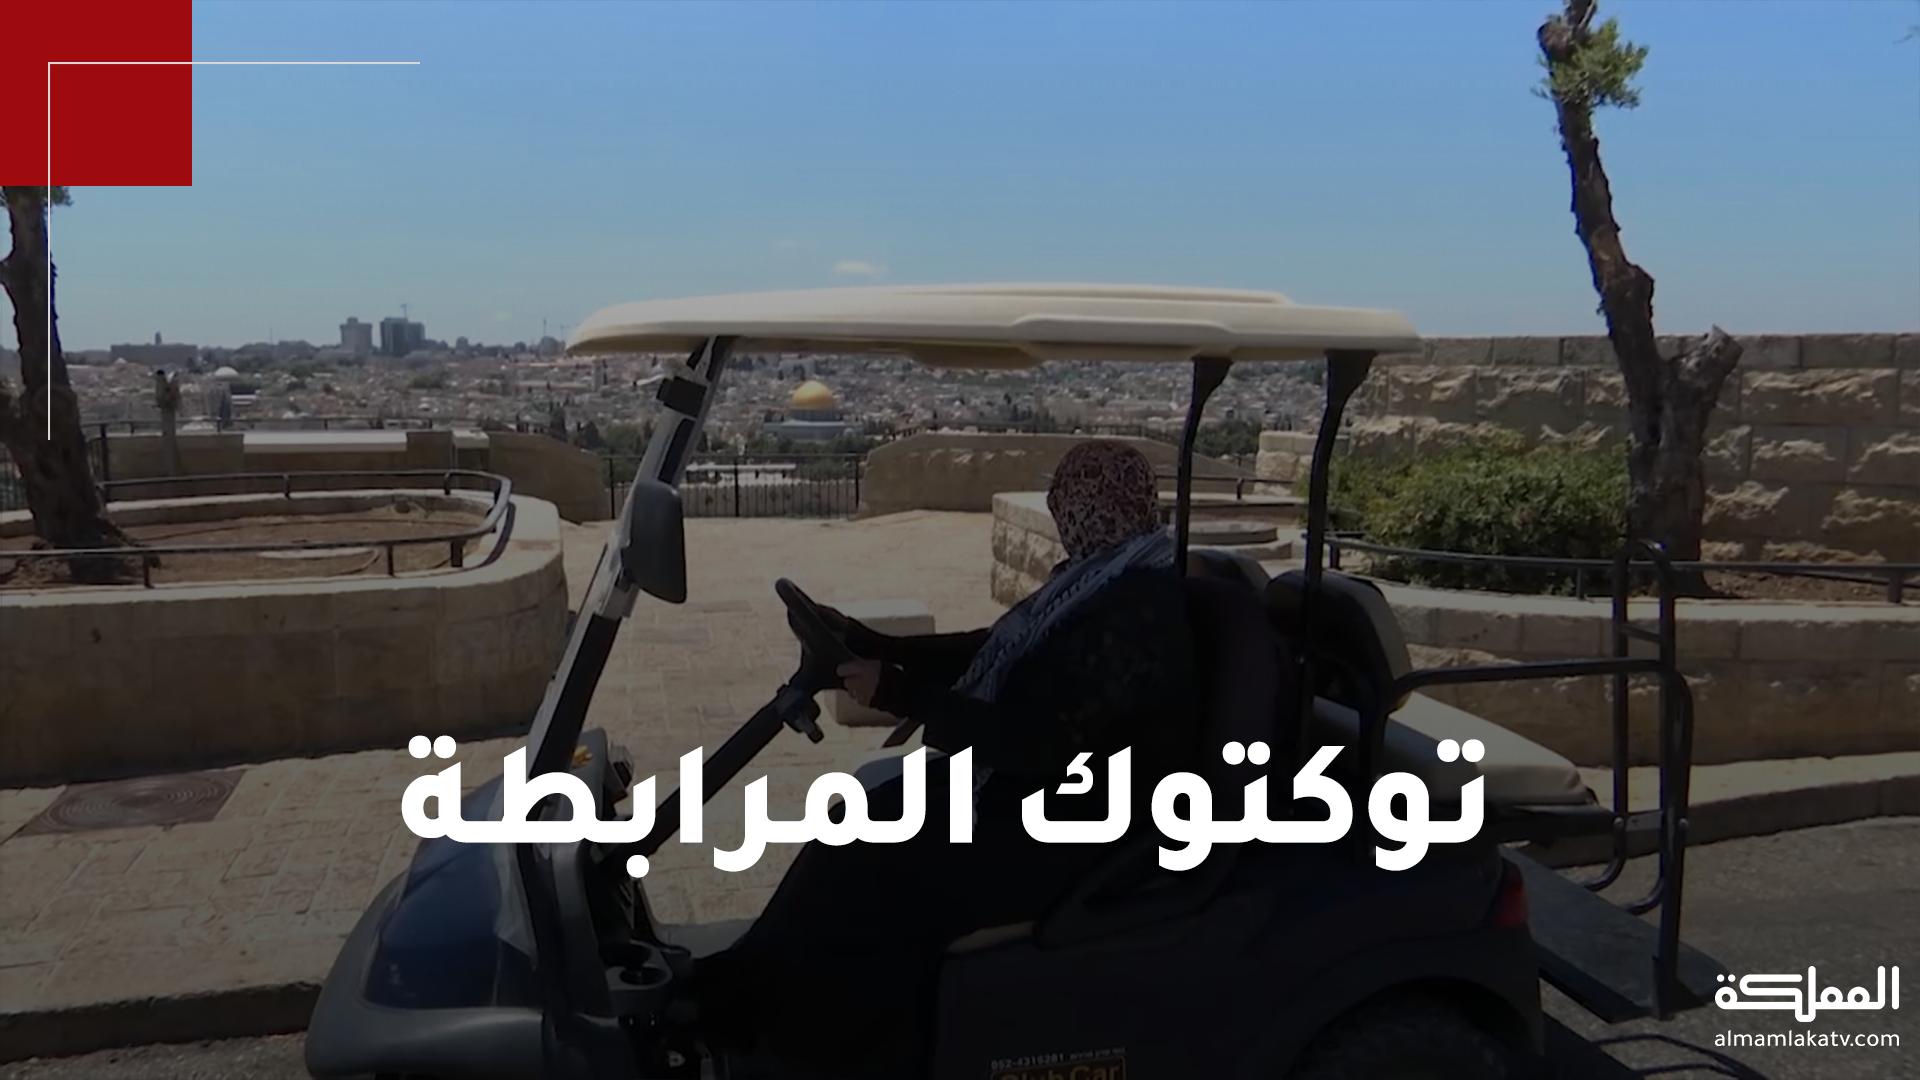 """مرابطة مقدسية تشتري """"توكتوك"""" لمساعدة المسنين على الوصول إلى الحرم القدسي"""